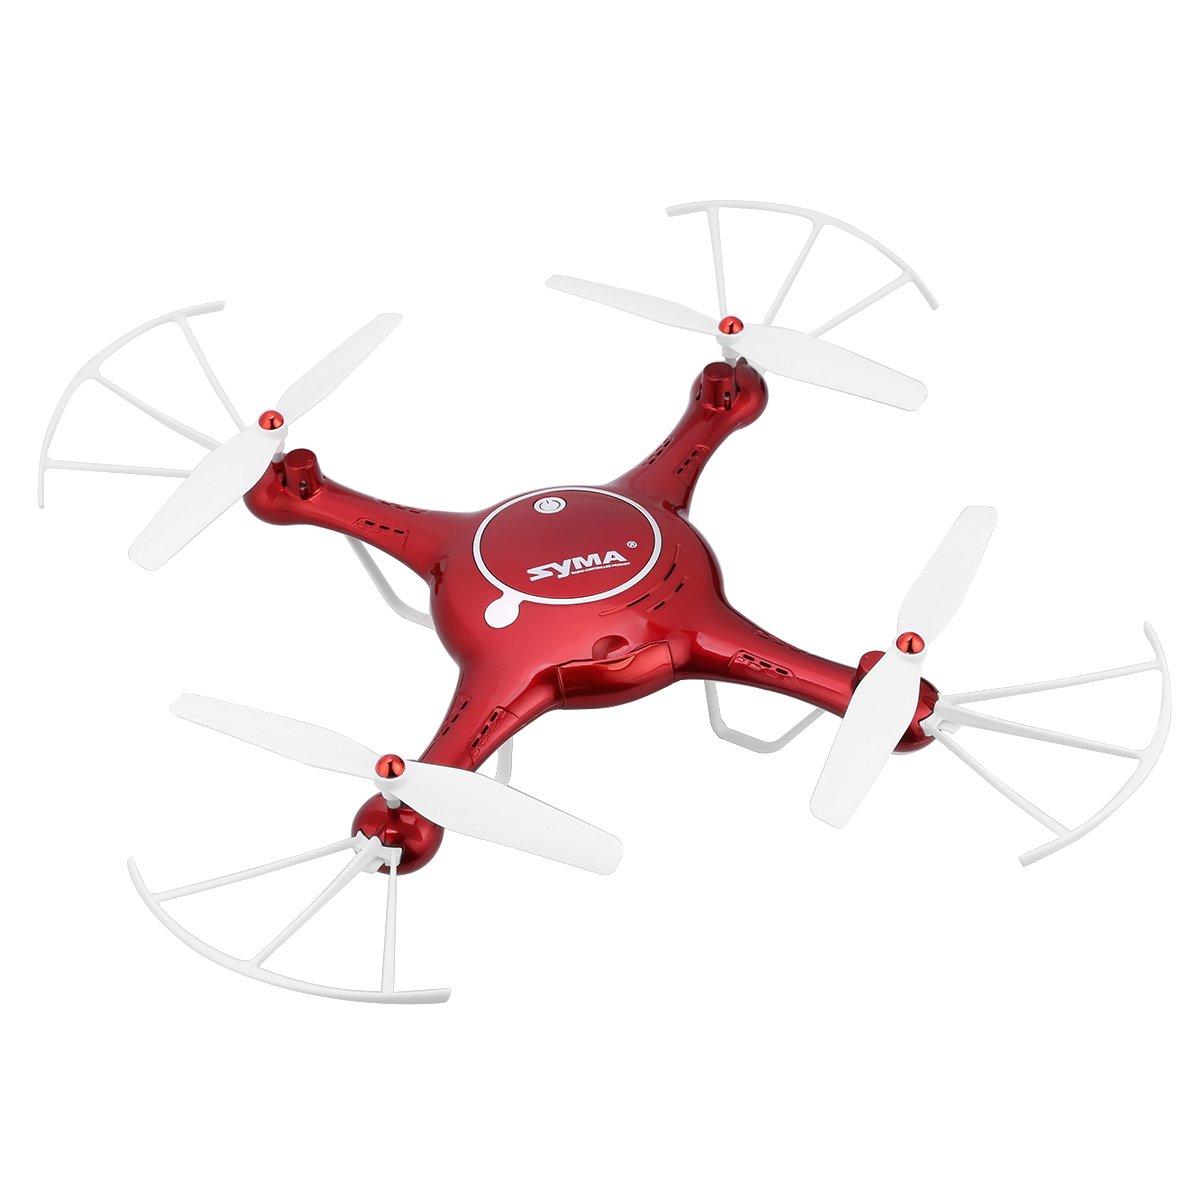 Garantía 100% de ajuste Syma X5UW - Drone Quadcopter RC FPV Sin Sin Sin Cabeza 6 Axis Gyro (Cámara 720P, 4 Canales, 2.4GHz, 360 ° Tirones, Soporta Tarjeta de Memoria 4G) (Rojo)  Todos los productos obtienen hasta un 34% de descuento.